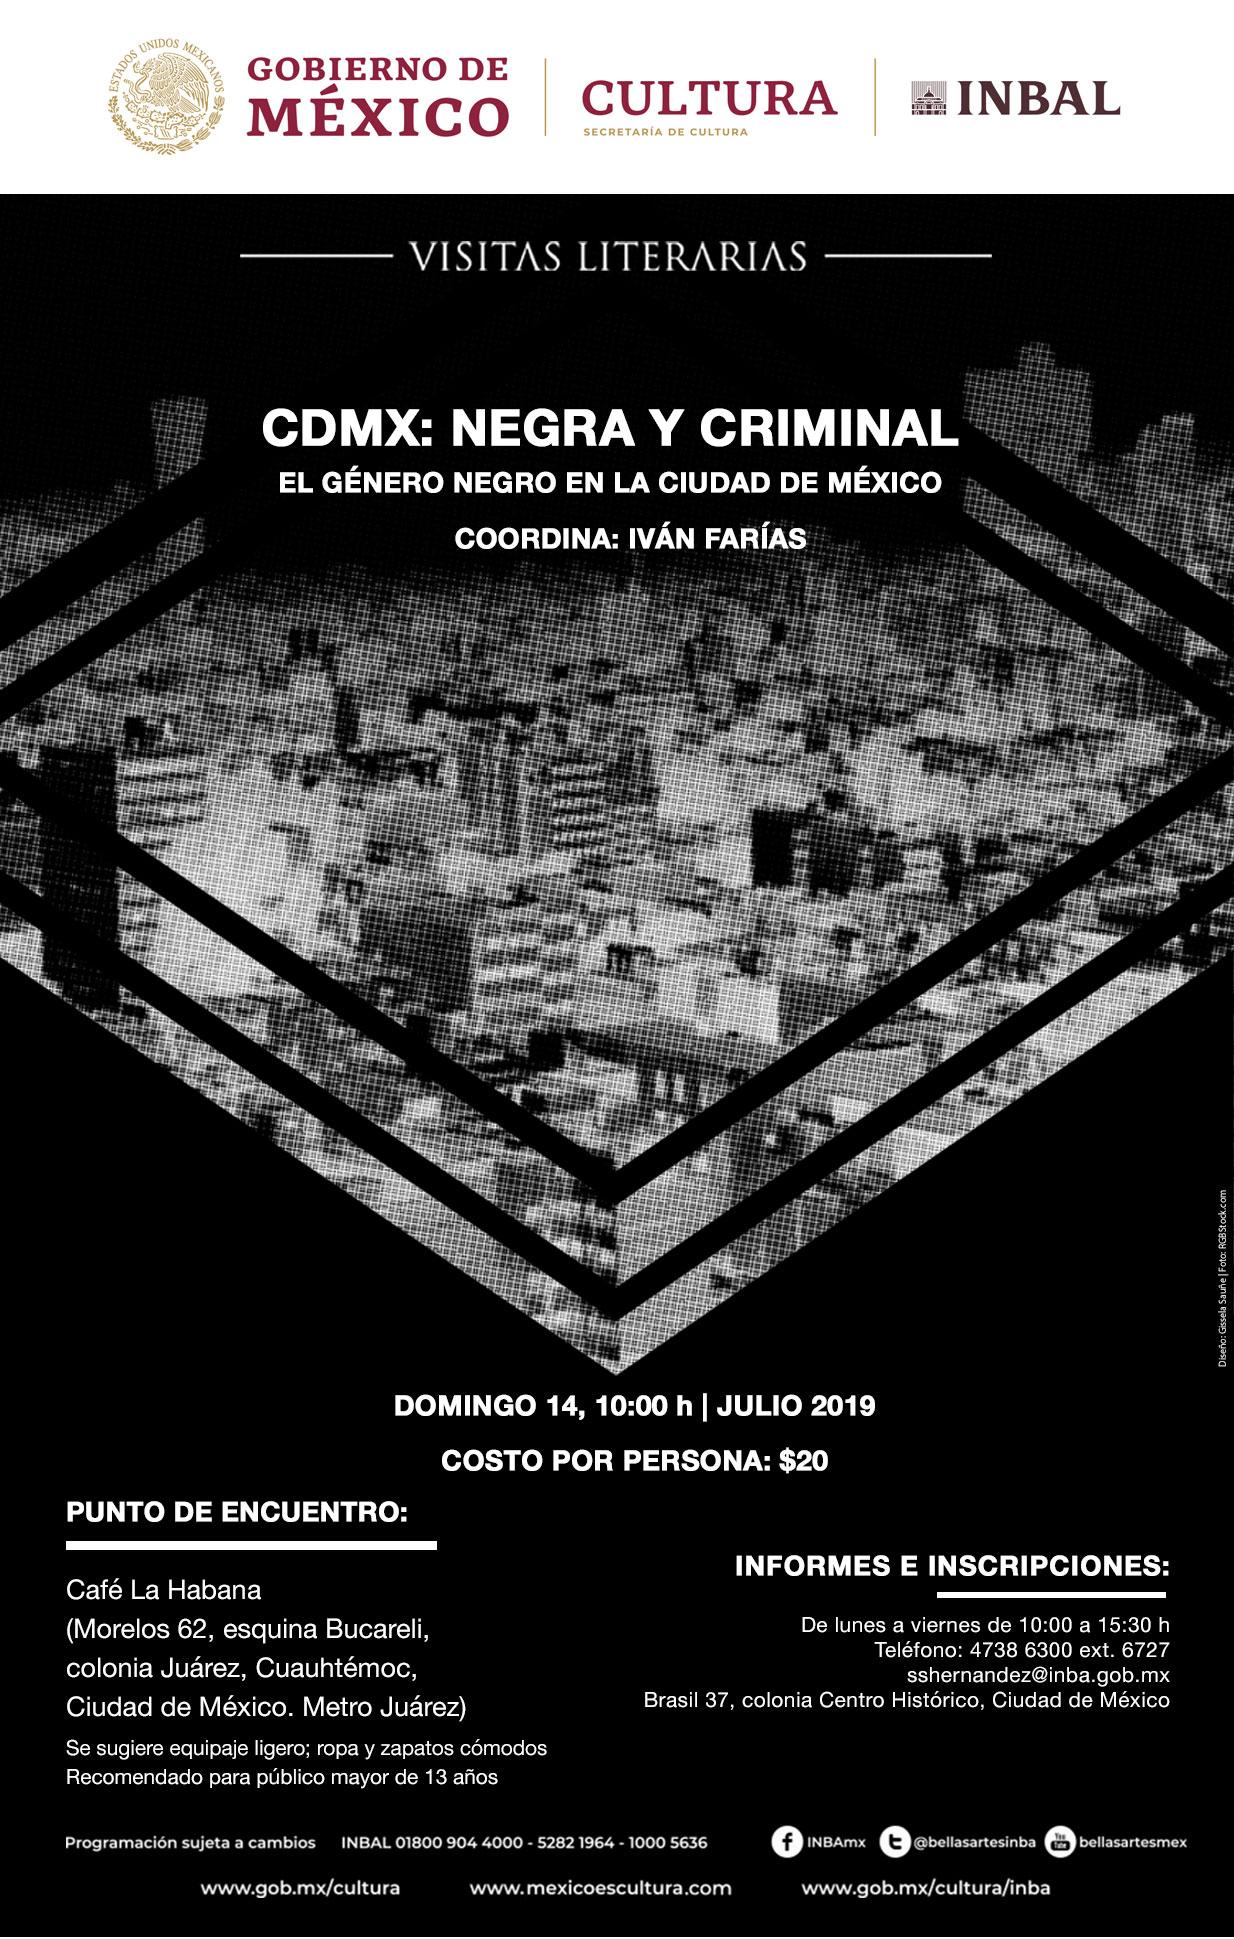 El ciclo Visitas literarias rastrea la pista de la novela negra en la CDMX